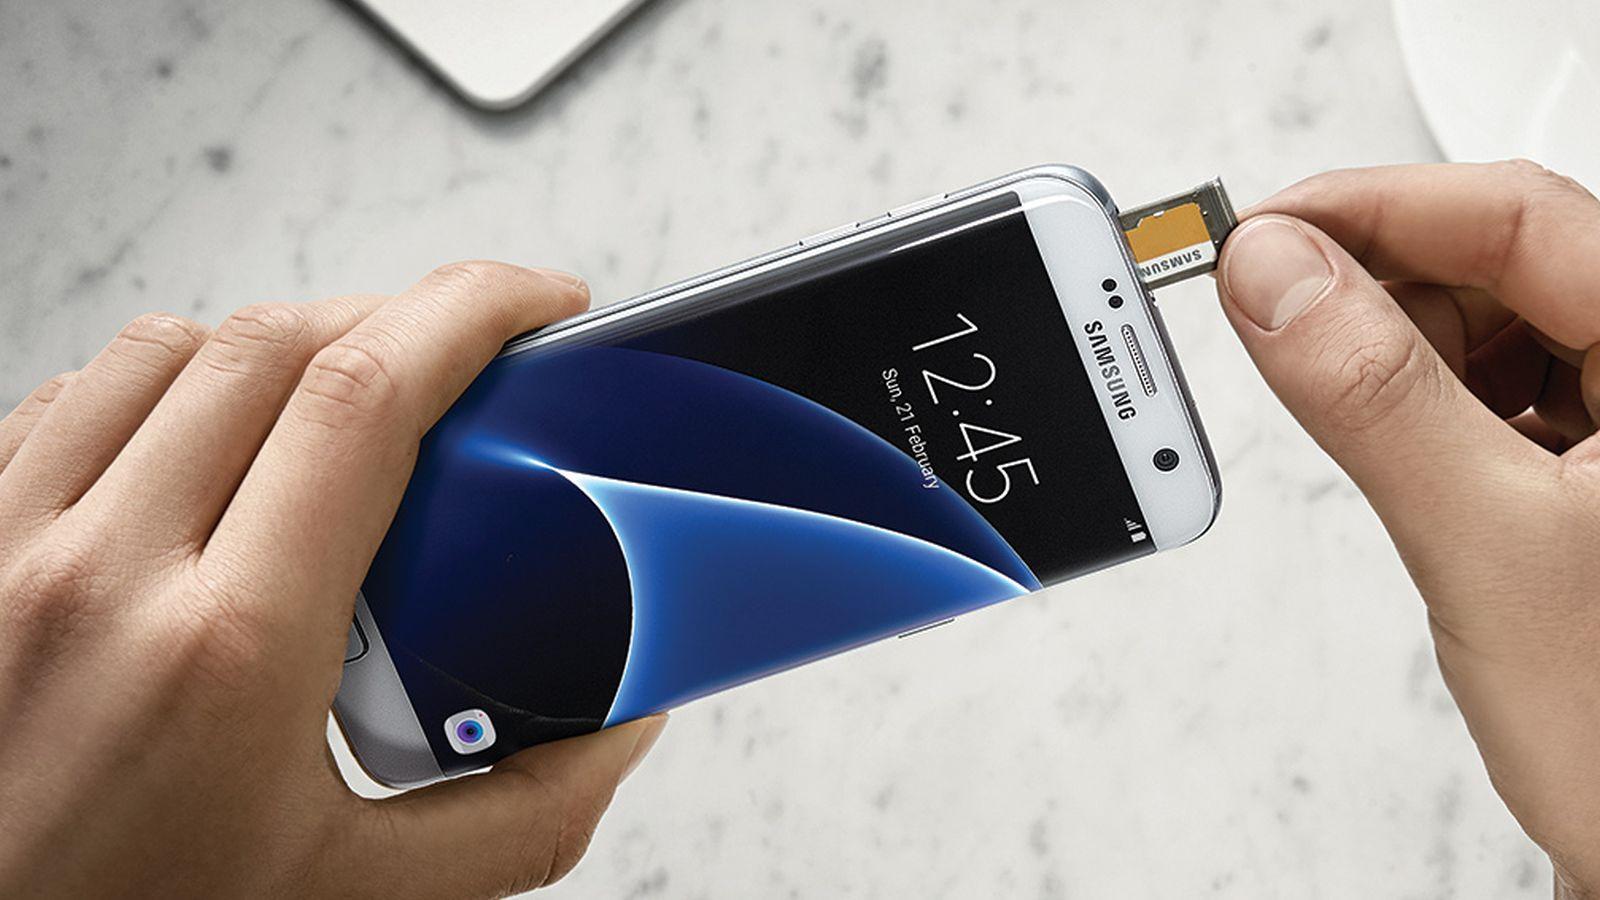 samsung galaxy s7 edge microsd card